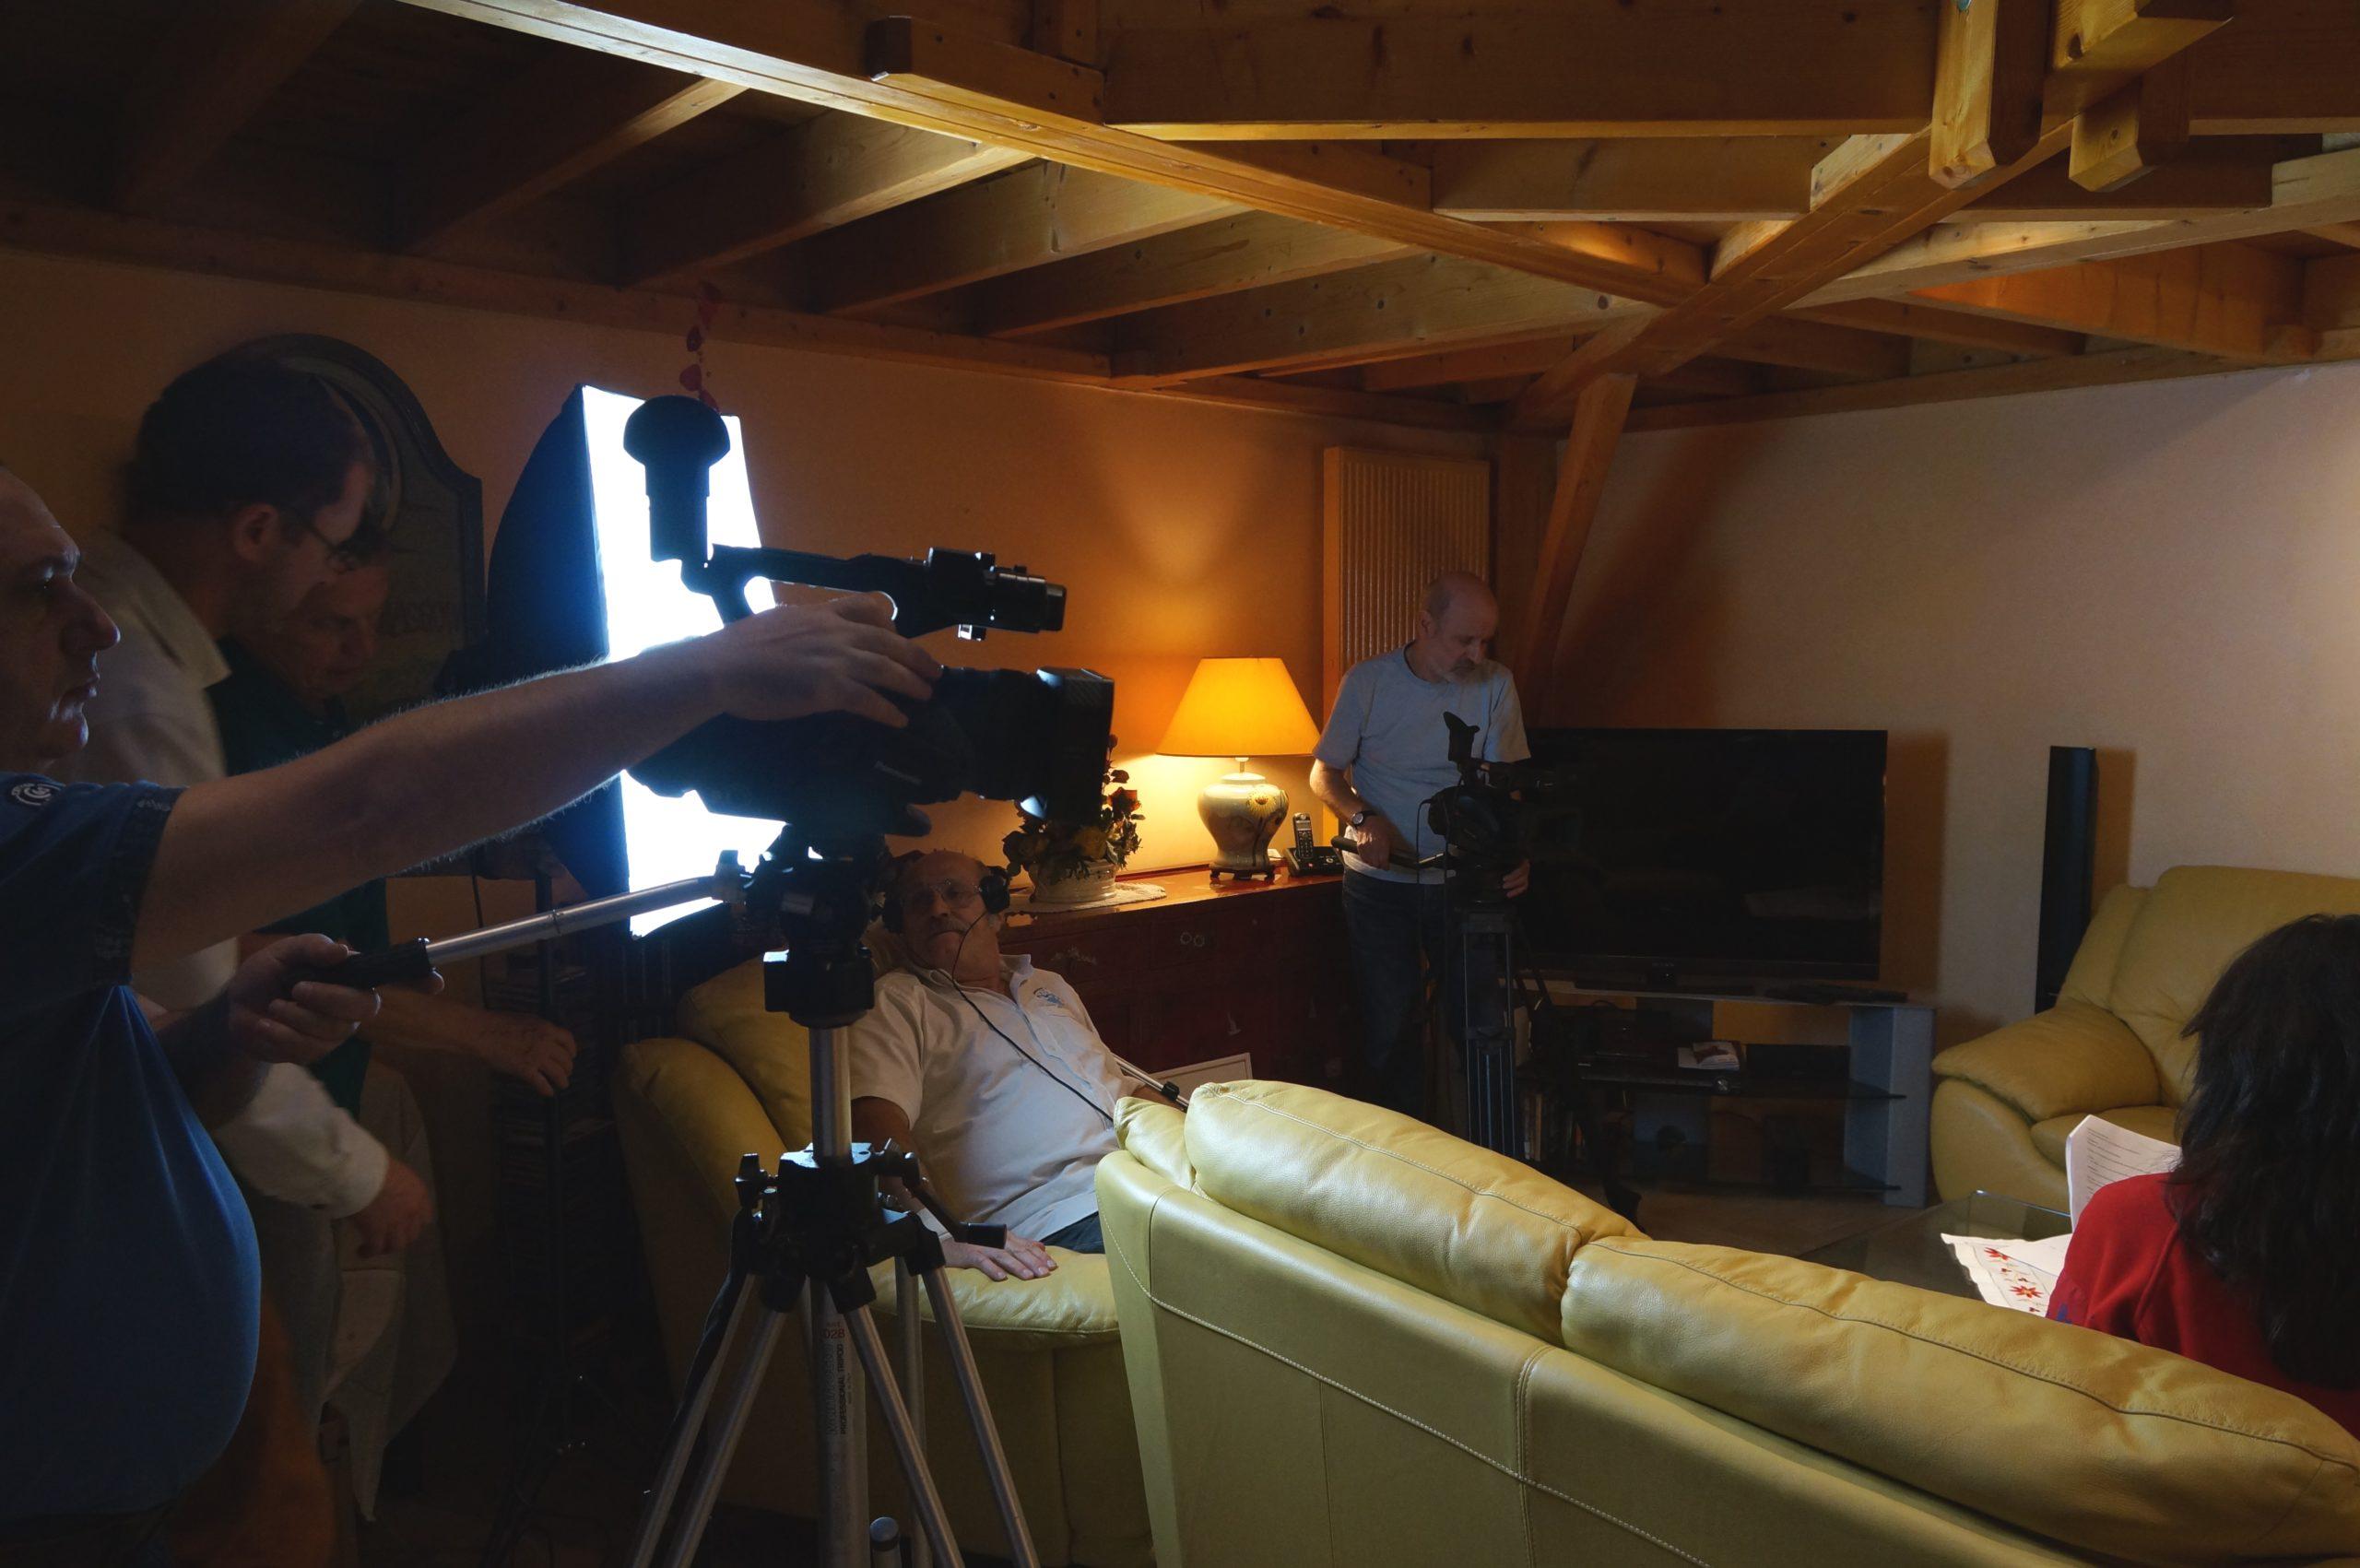 Tontons cadreurs 48hfp 2016 Portrait de famille tournage 1